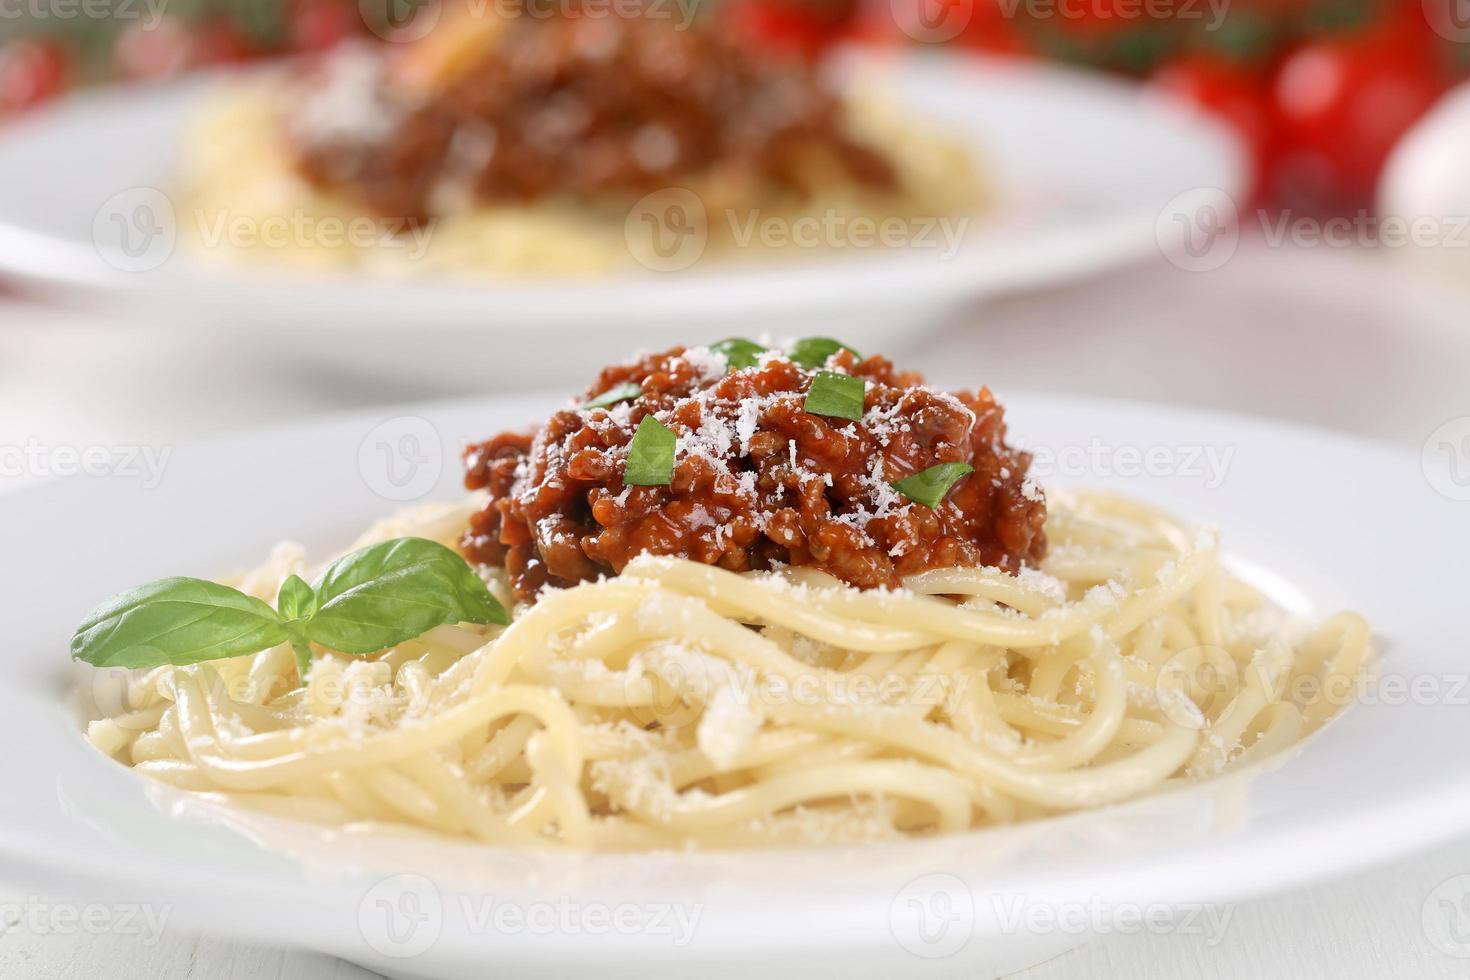 Spaghetti bolognese nouilles repas de pâtes sur une plaque photo